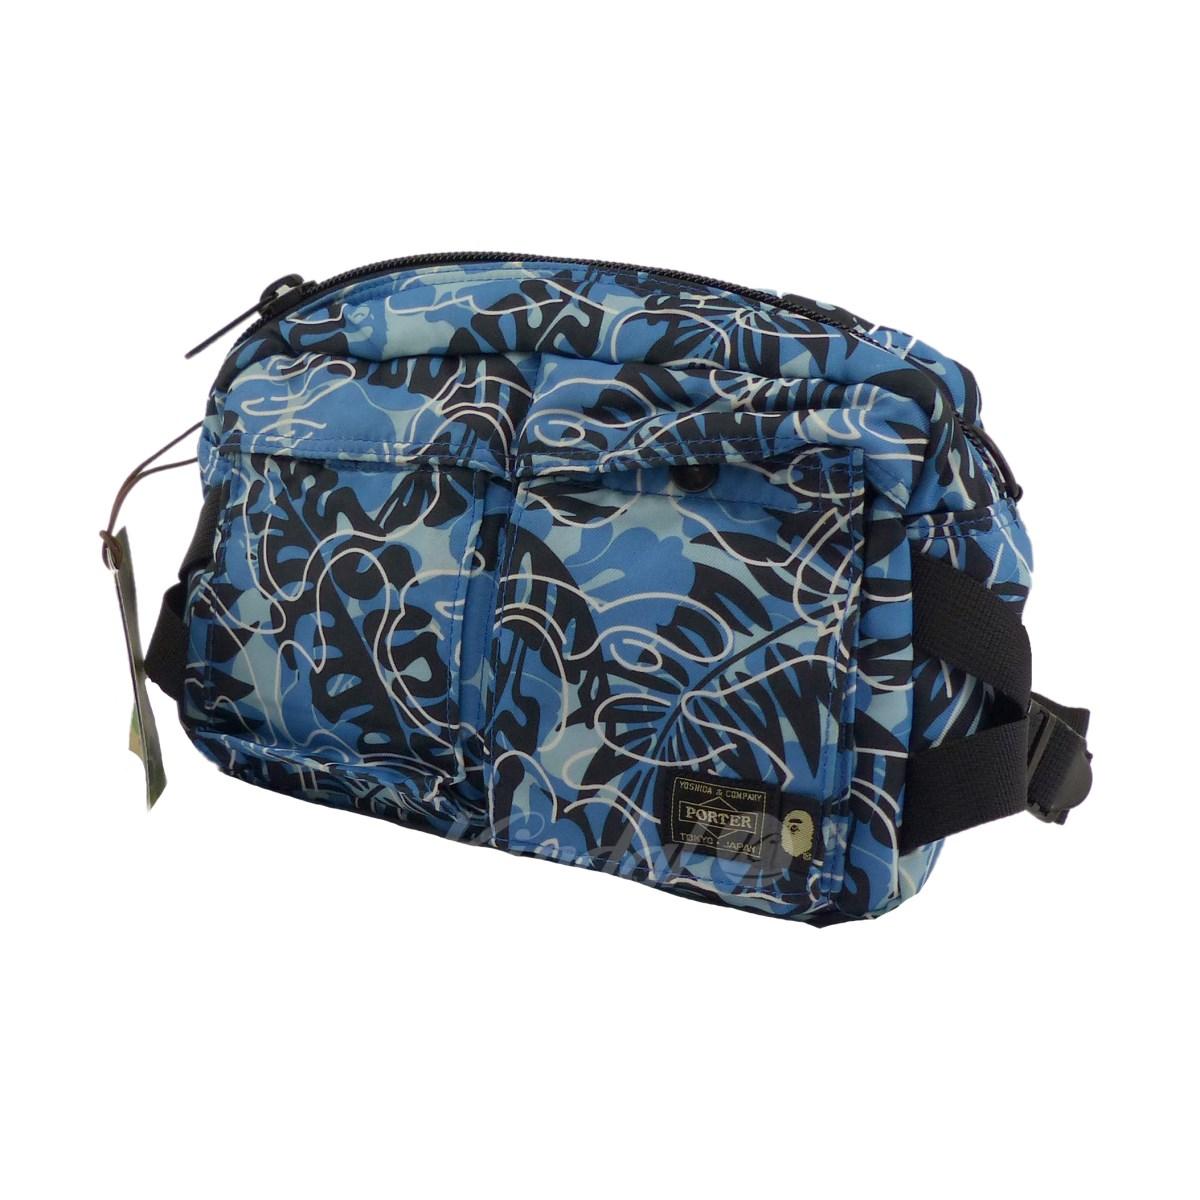 【中古】A BATHING APE x PORTER TROPICAL CAMO WAIST BAG ショルダーバッグ ブルー×ブラック 【送料無料】 【030219】(アベイシングエイプ)